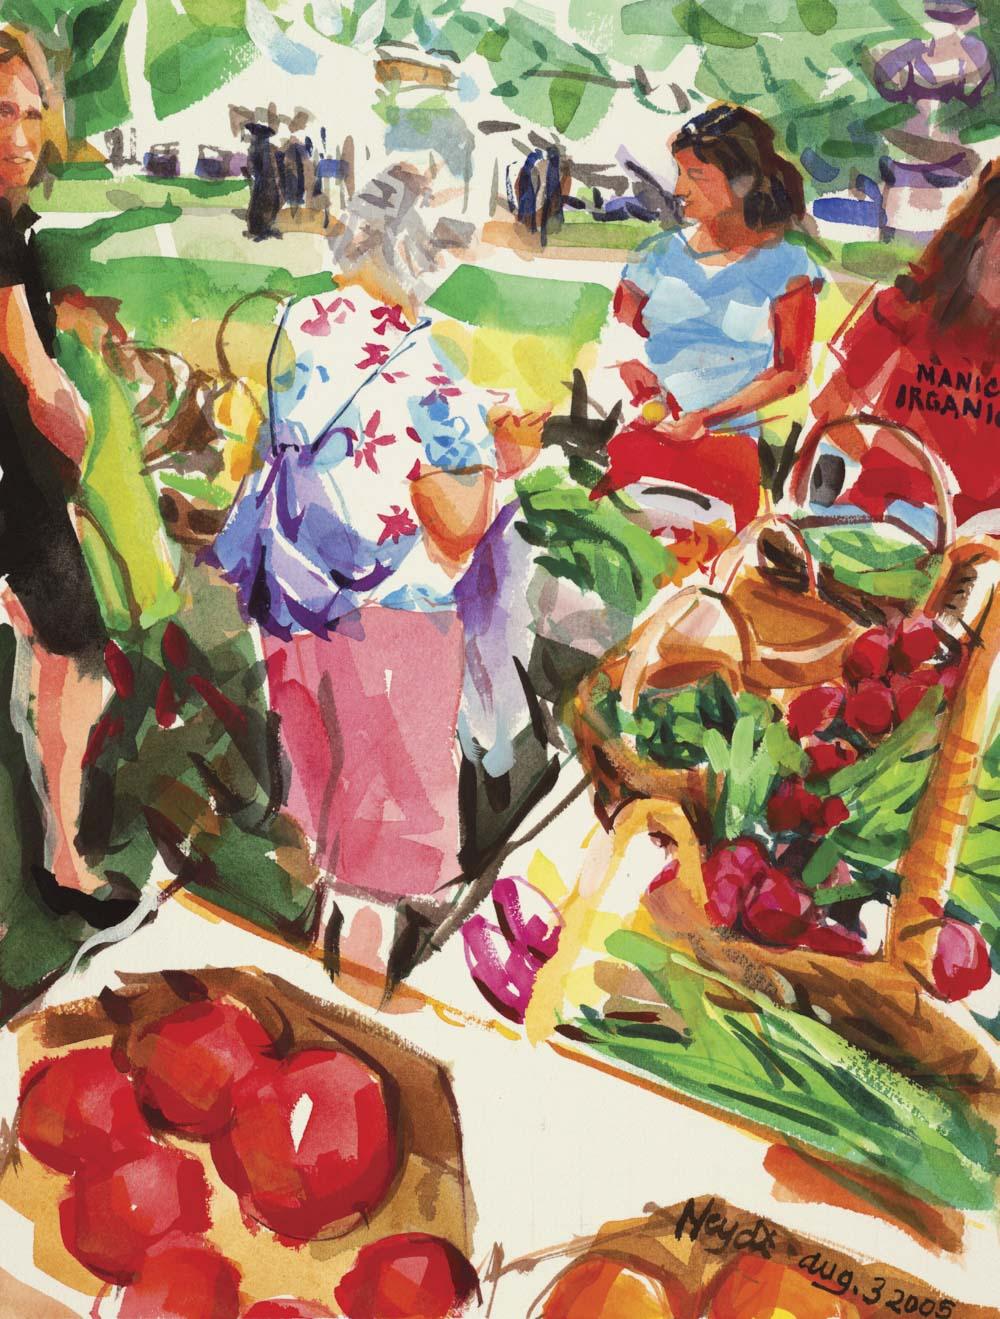 Memorial Boulevard Farmer's Market, Newport